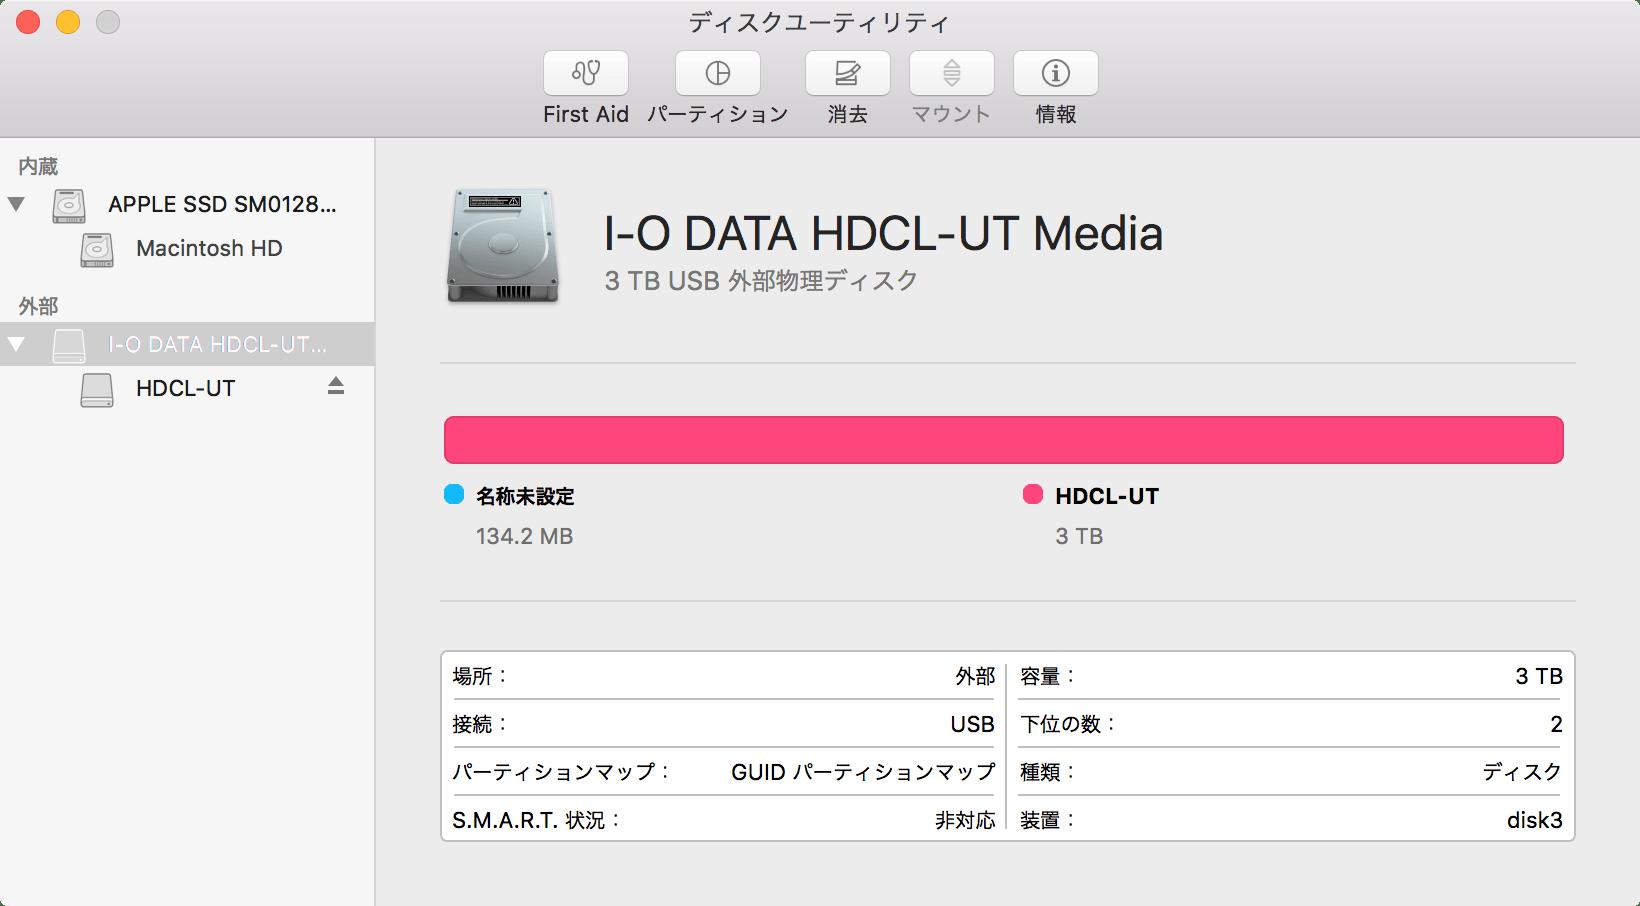 018_20160326_i-o-data-HDC-LA3.0